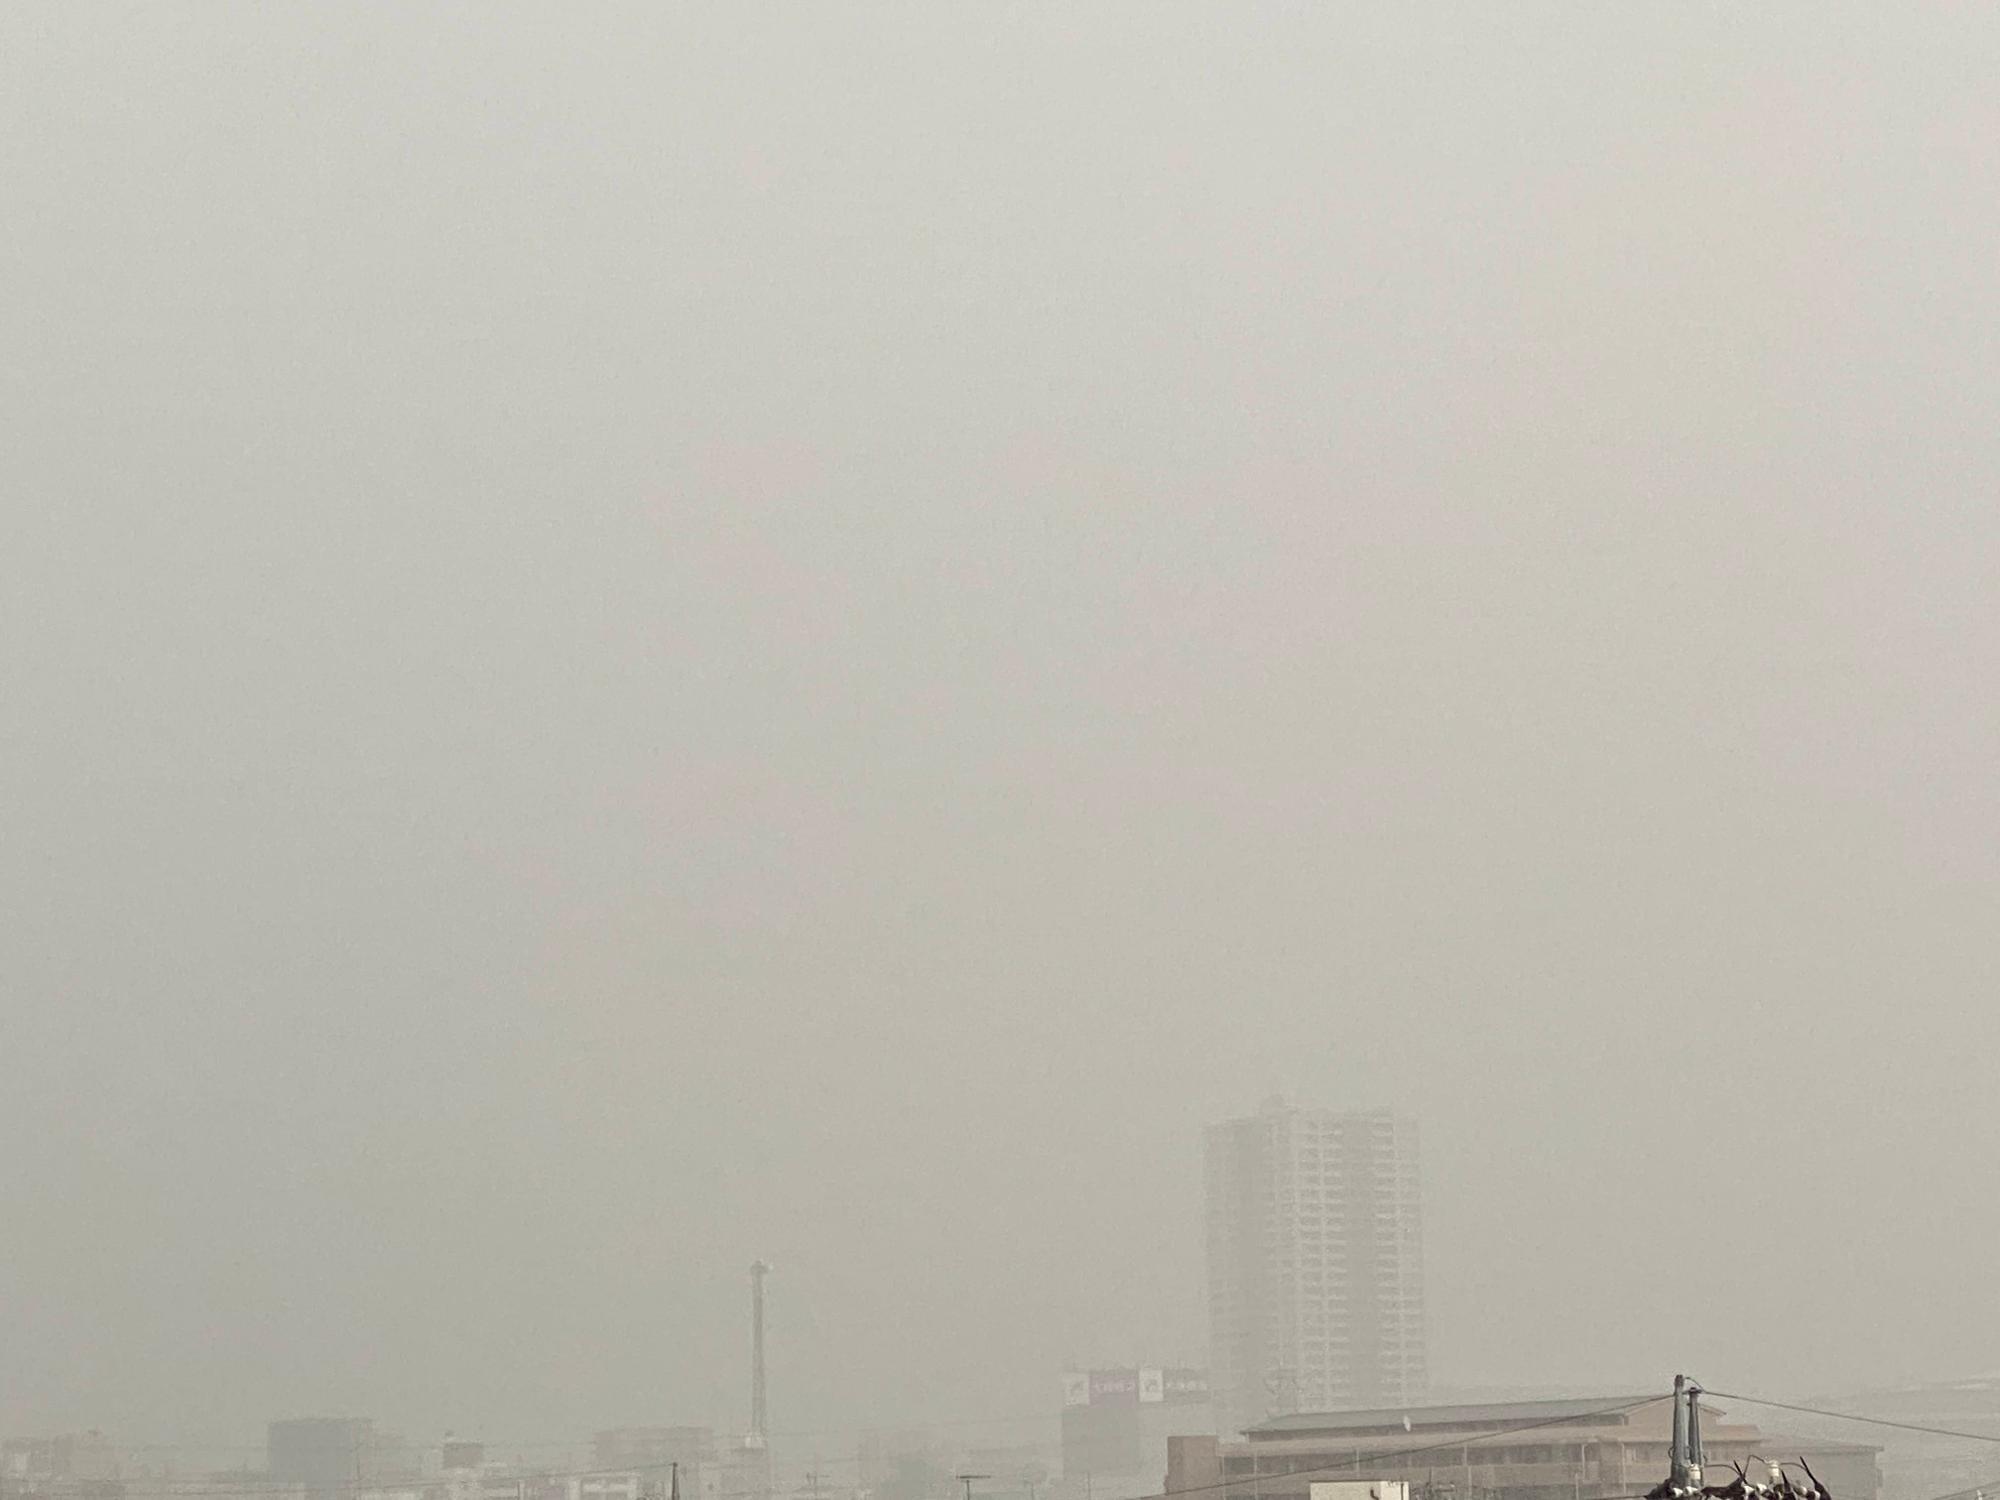 大宮西口から新都心側は、激しい雨で見えなくなりました